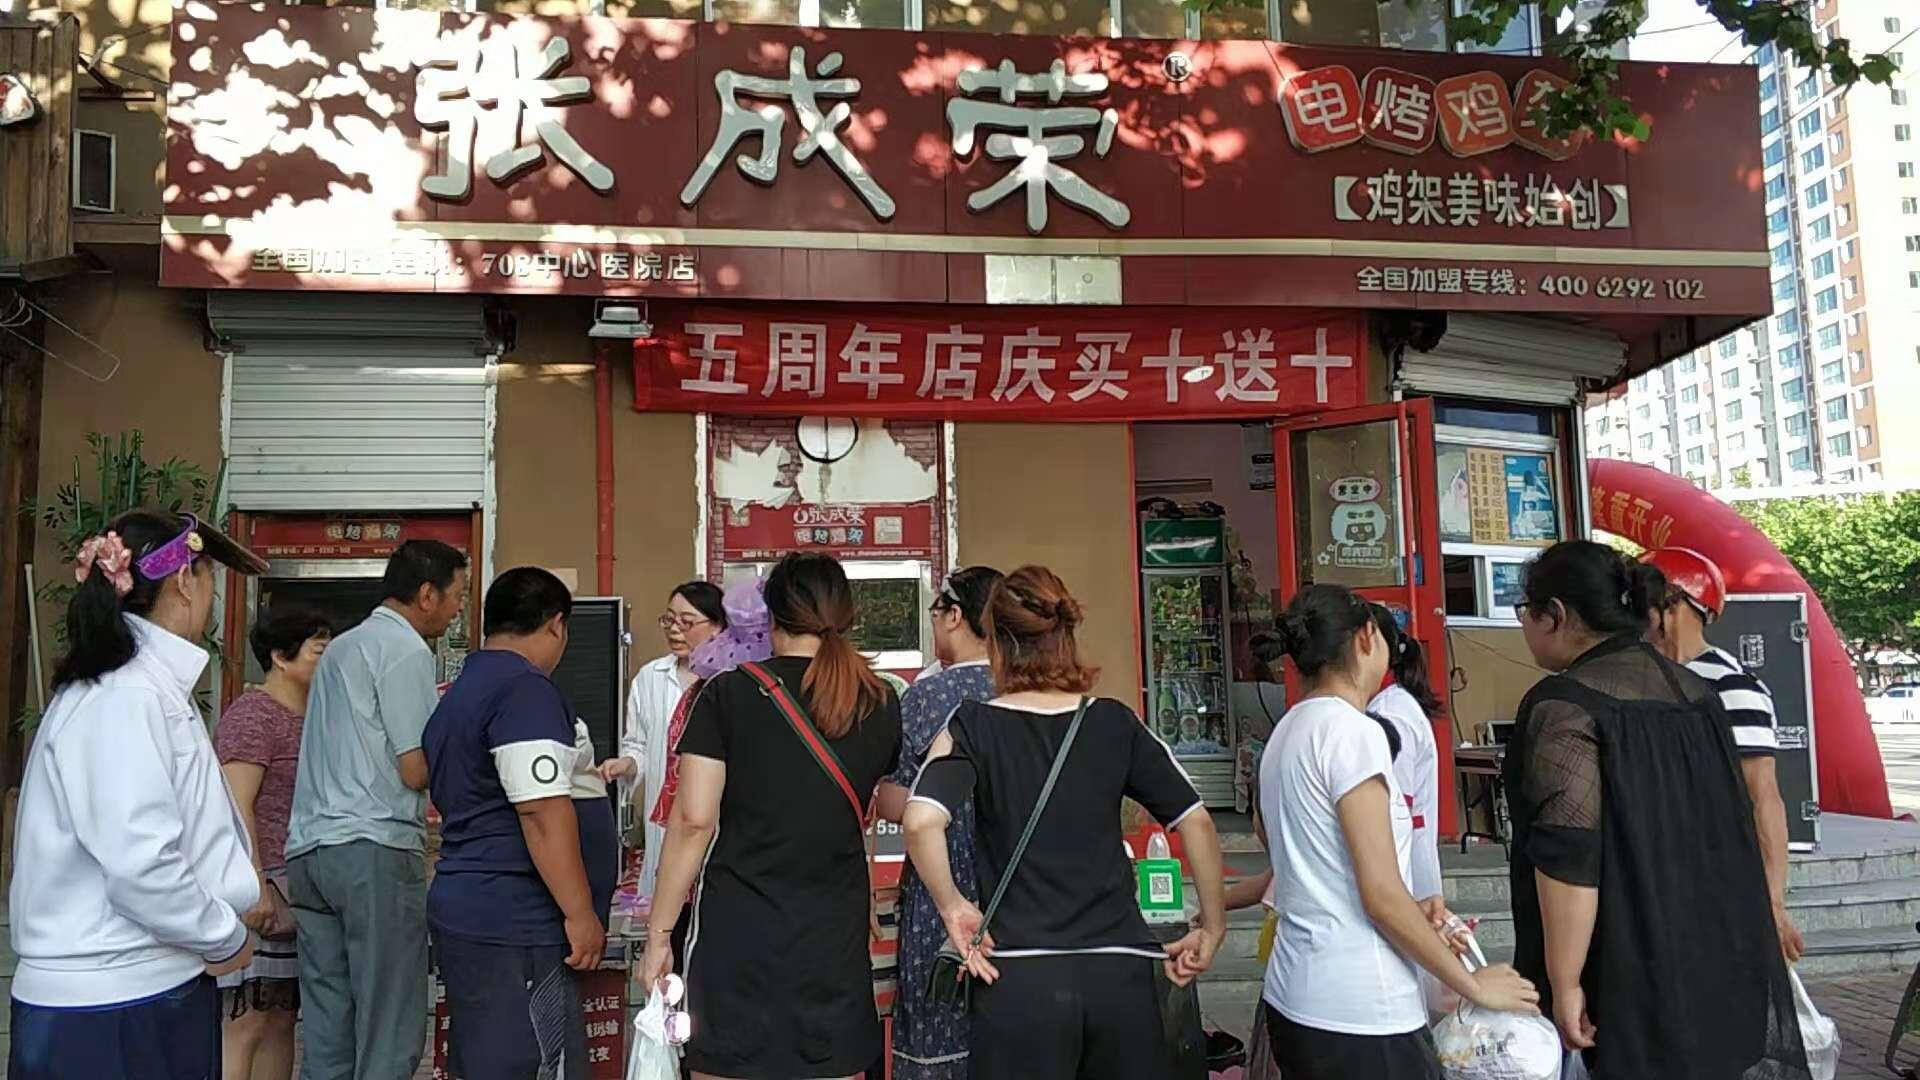 张成荣电烤鸡架迅速占领市场,口碑营销环环相扣